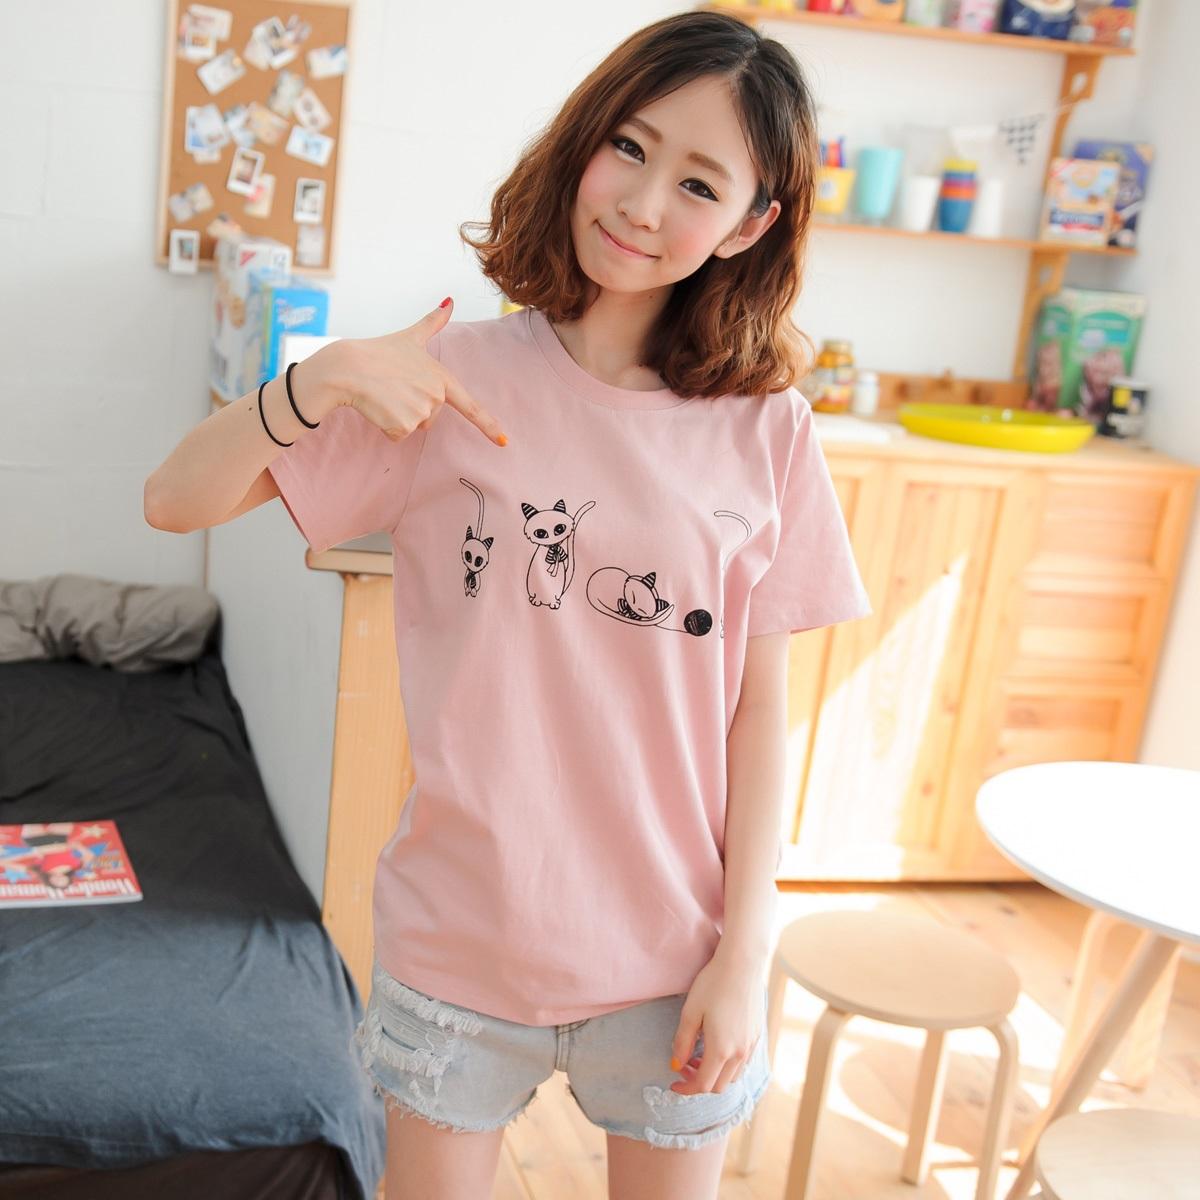 夏裝可愛卡通純棉短袖t恤女寬松中長款學生夏季韓版甜美半袖上衣